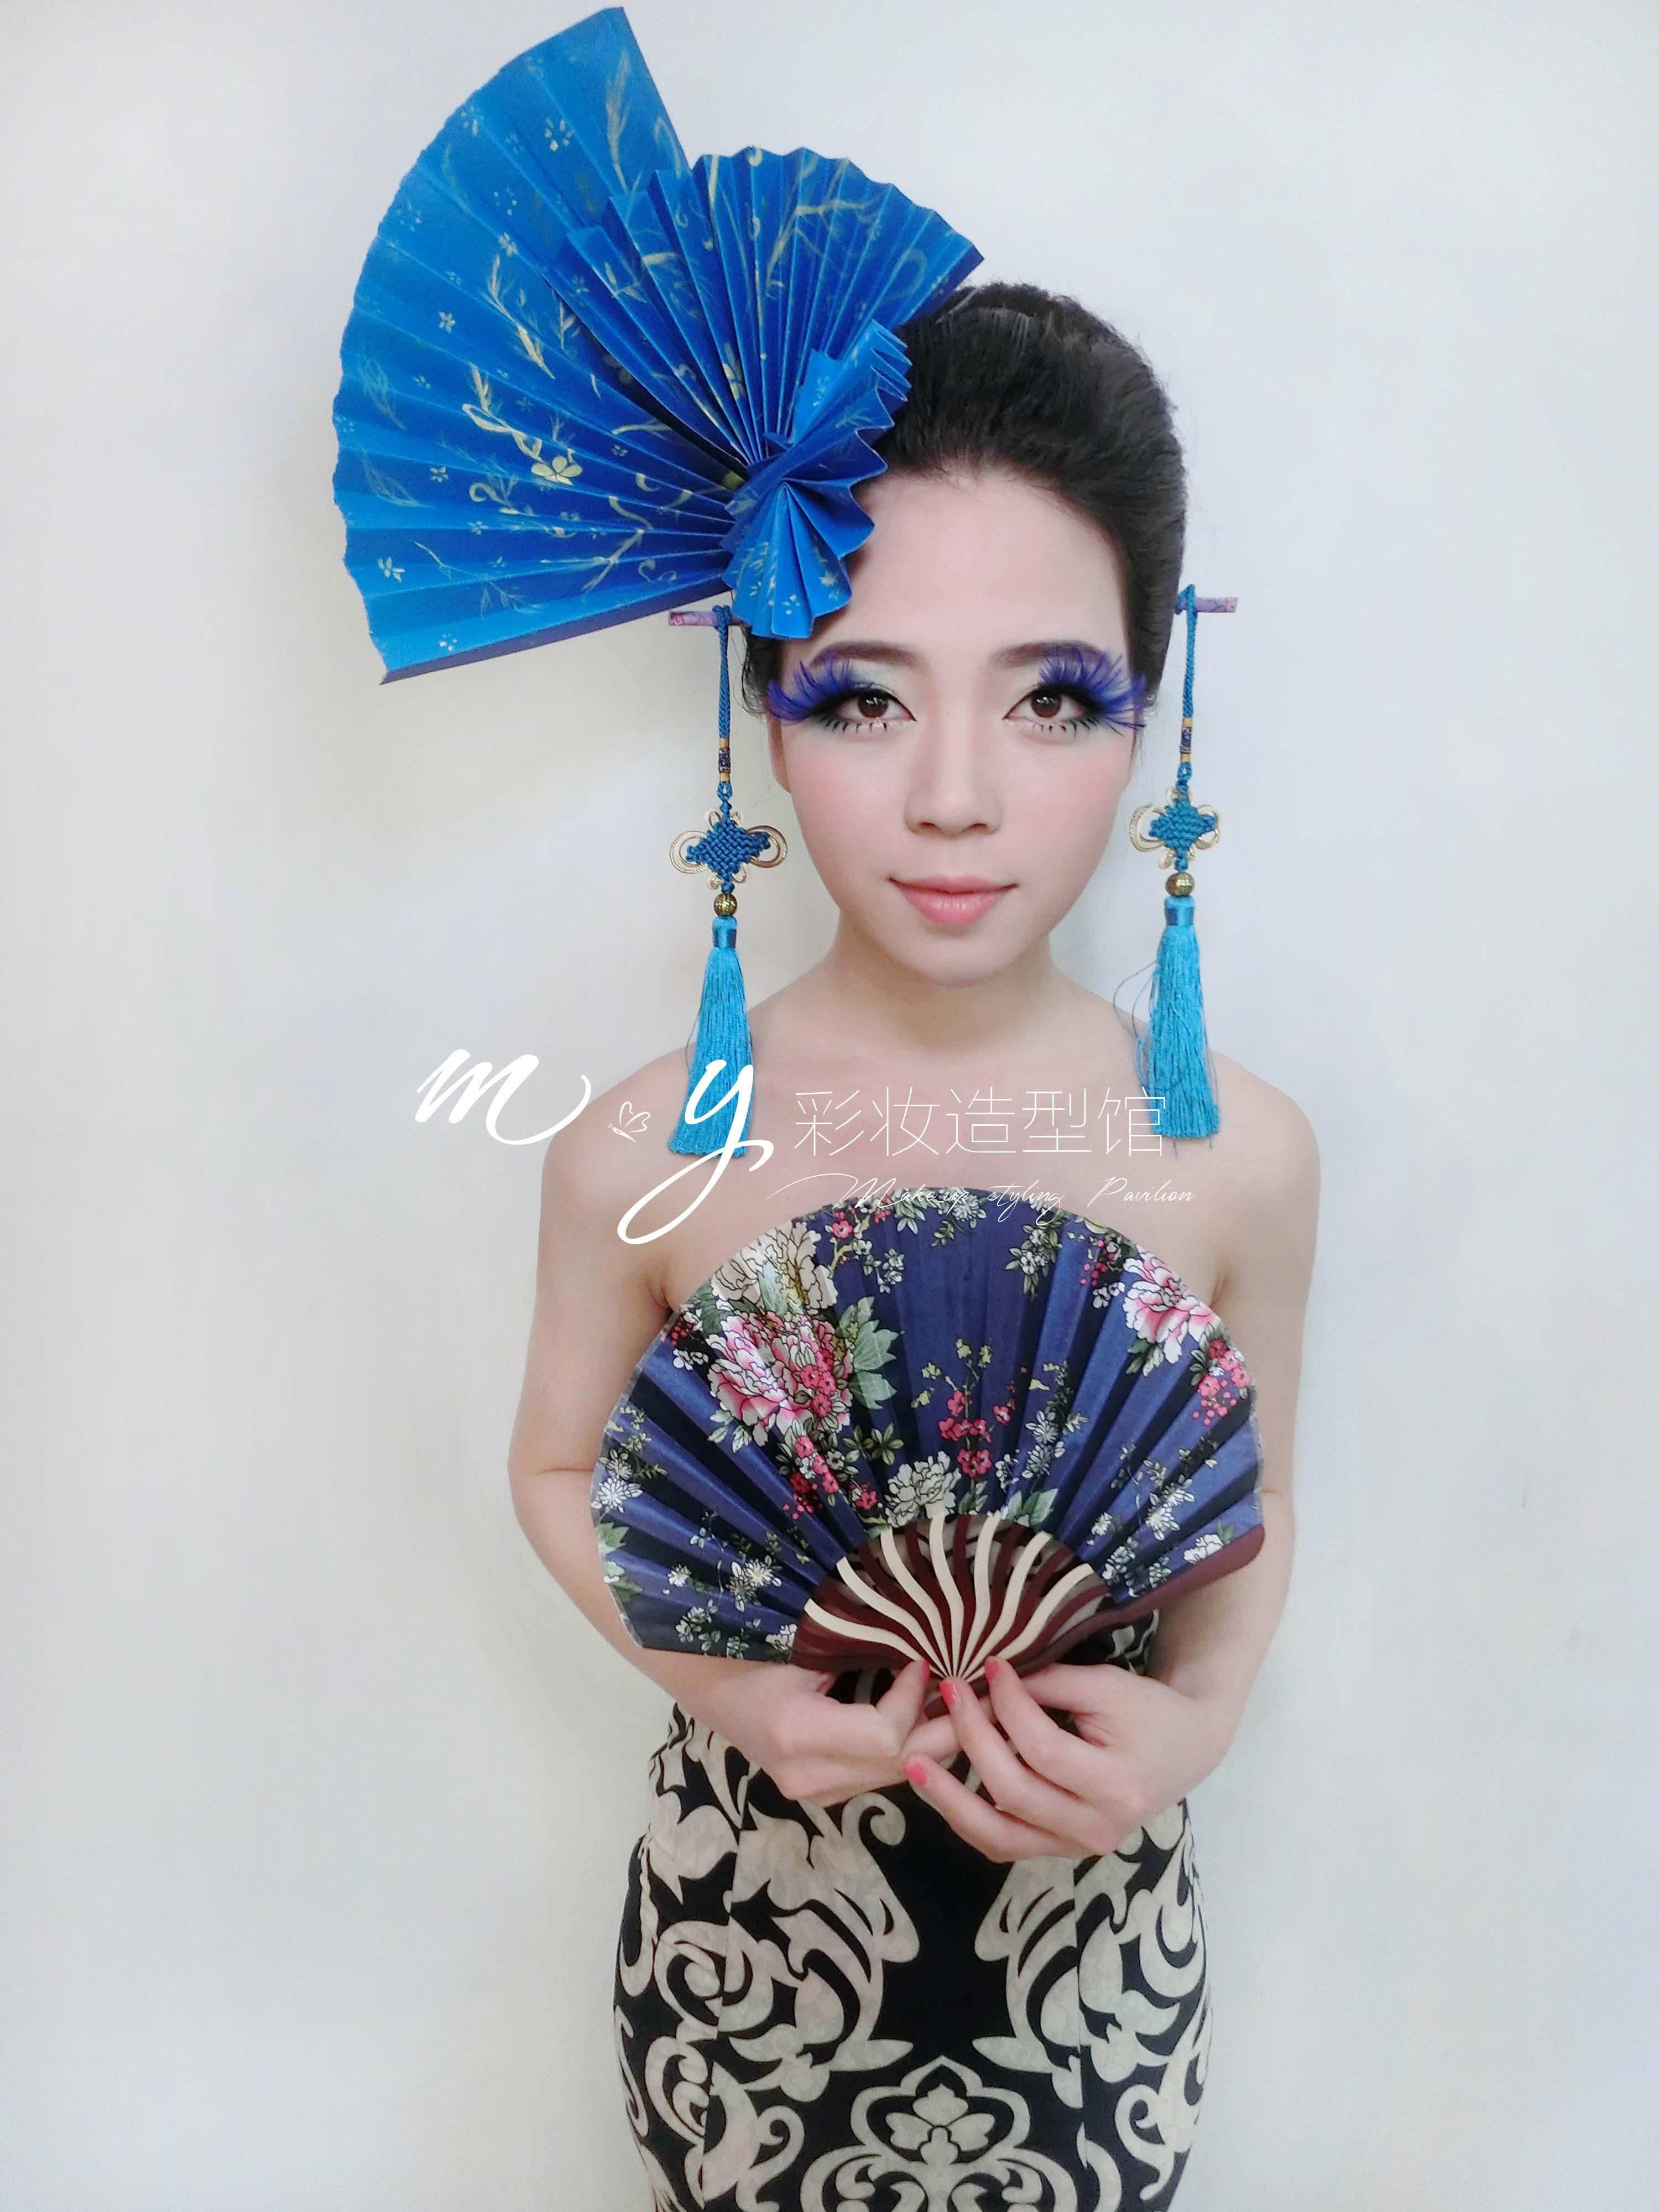 创意中国风-青花瓷_化妆造型作品图片